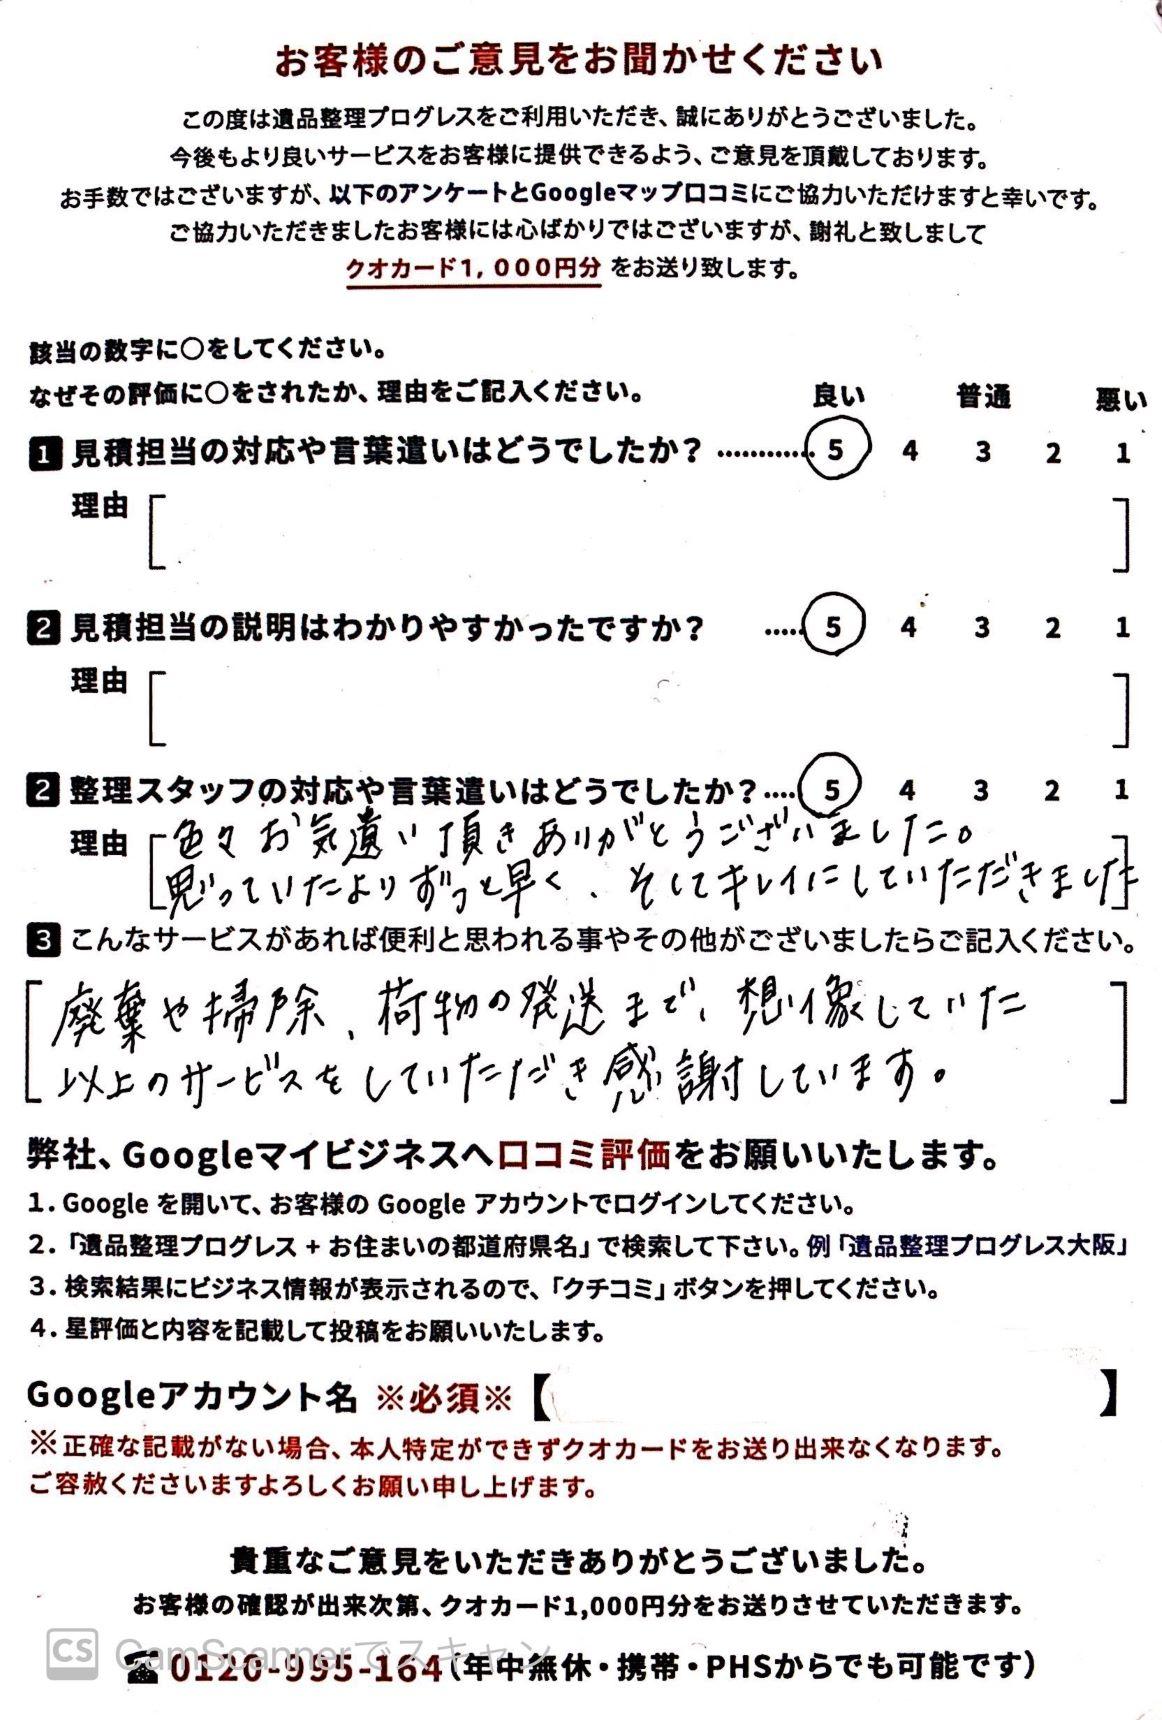 神奈川県横浜市鶴見区 S・T様のアンケート用紙